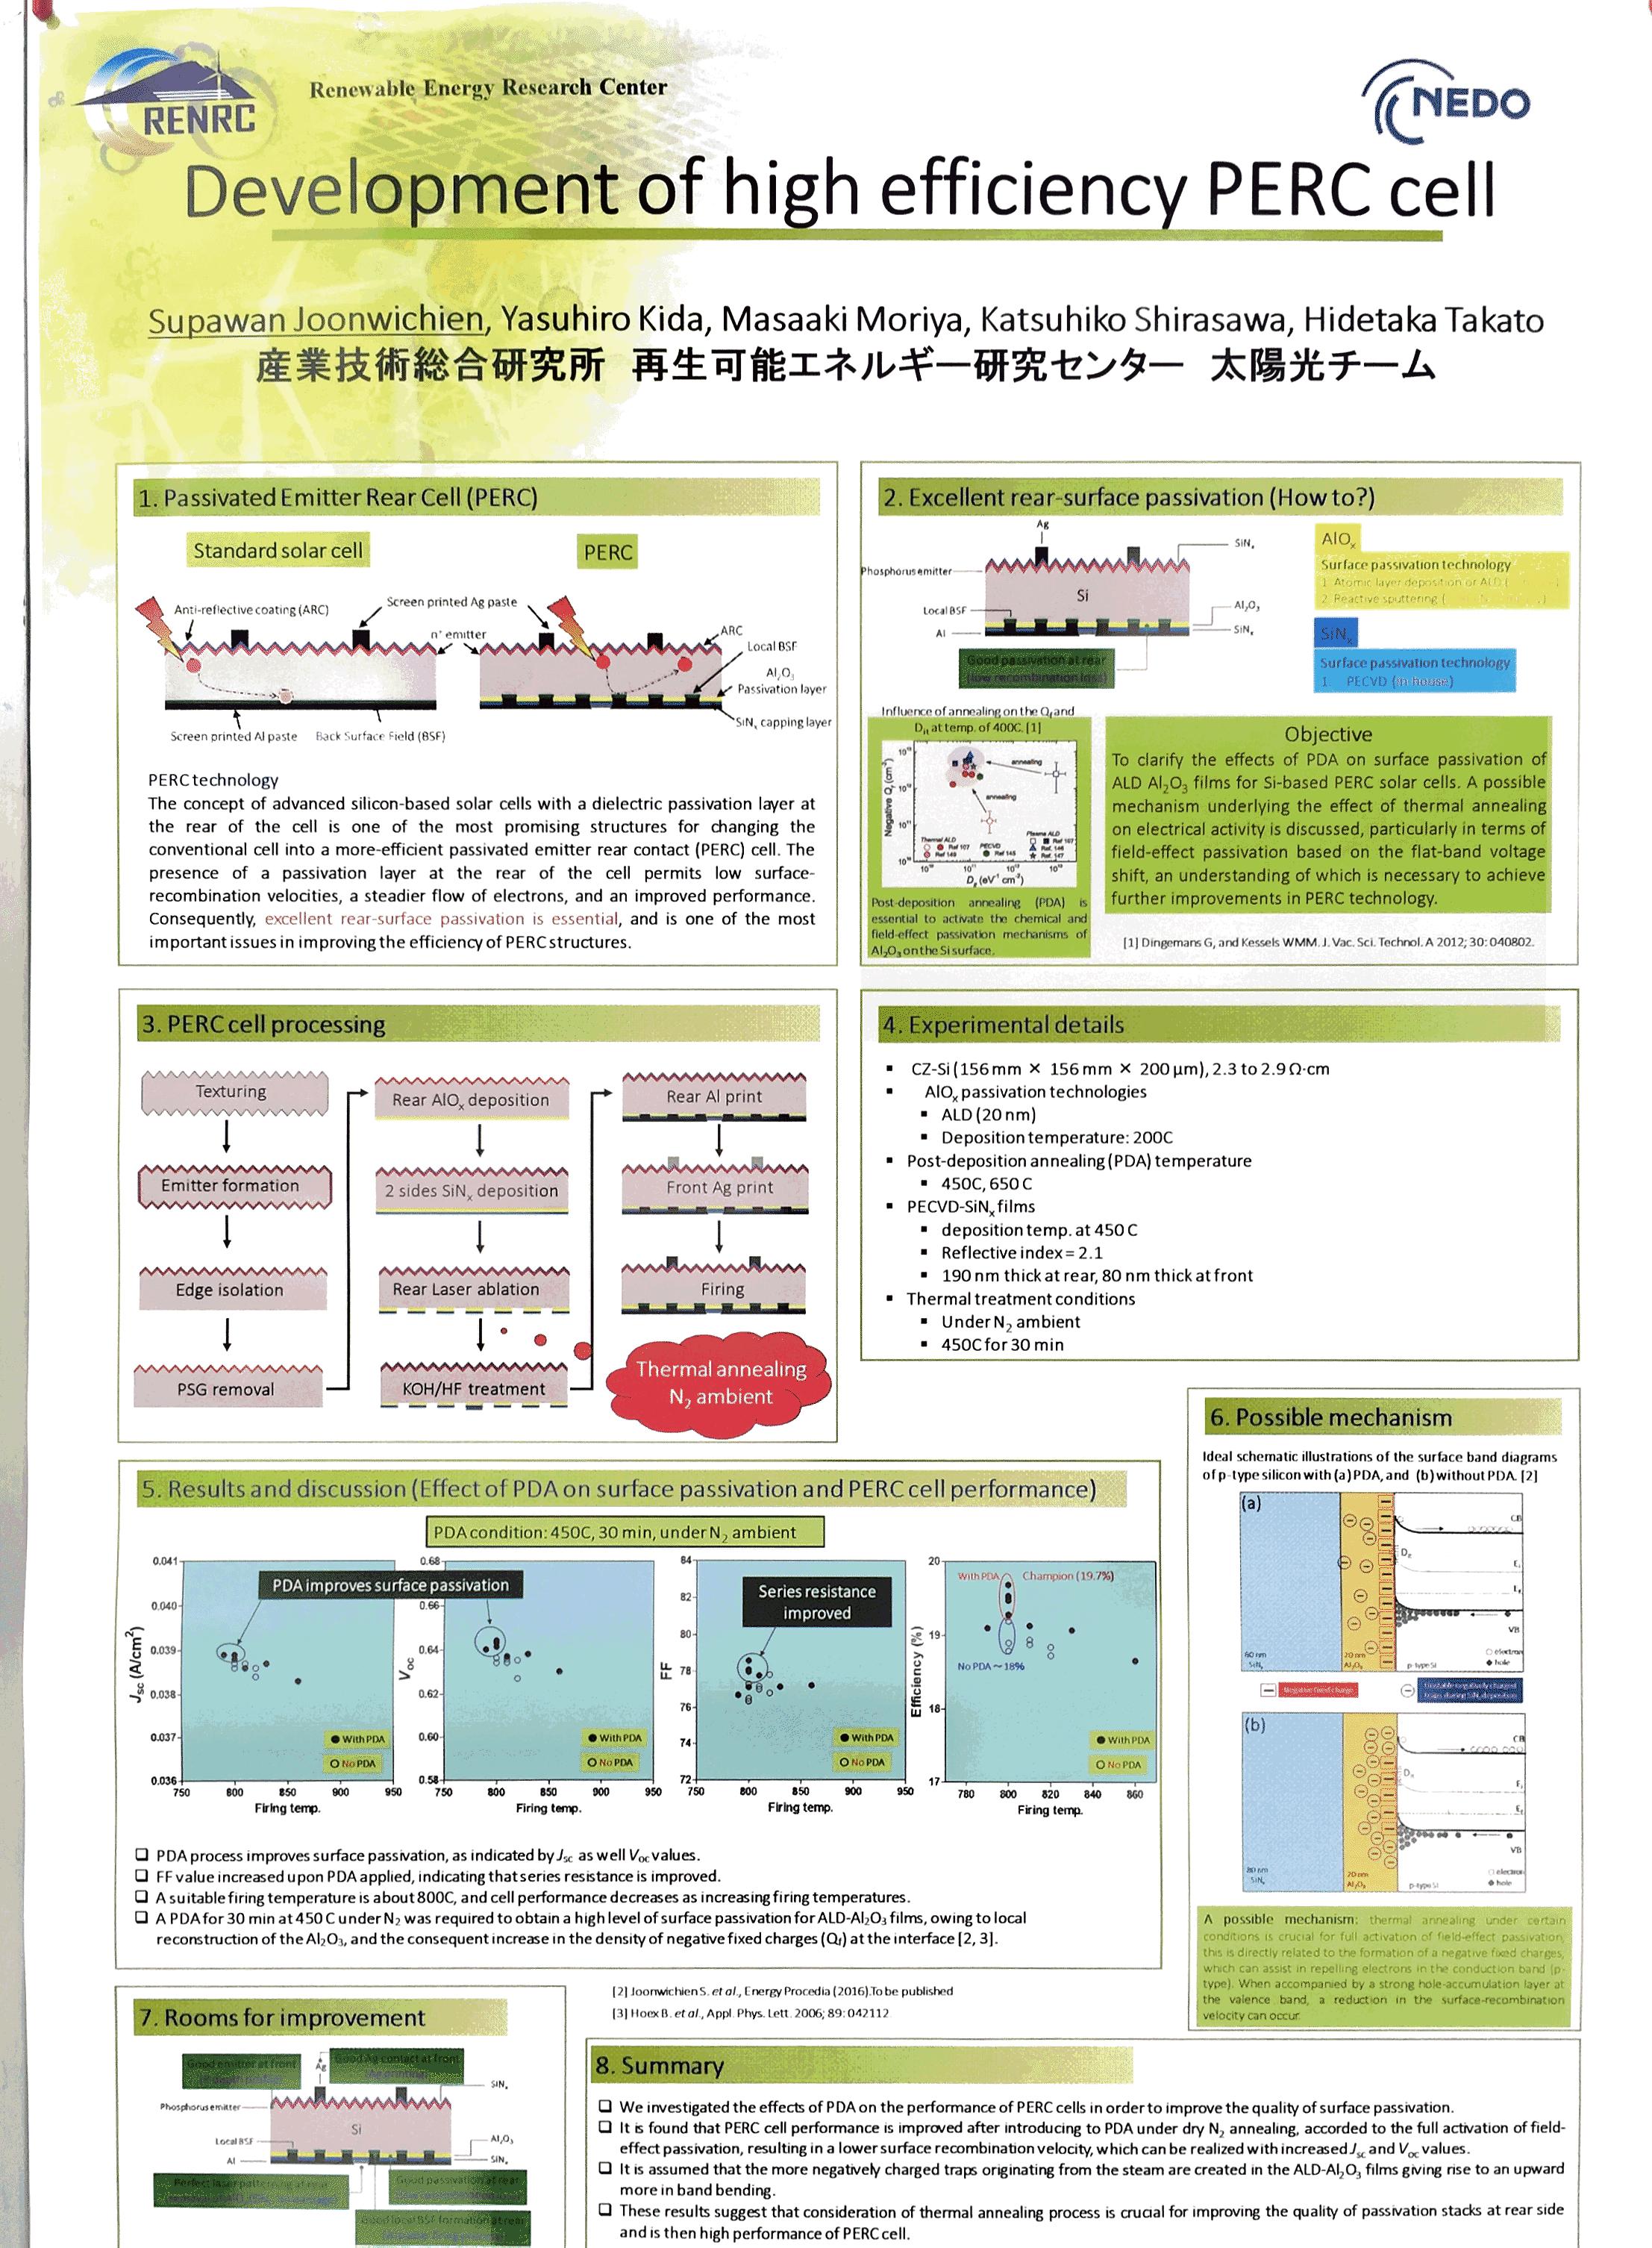 産総研 PV PERC